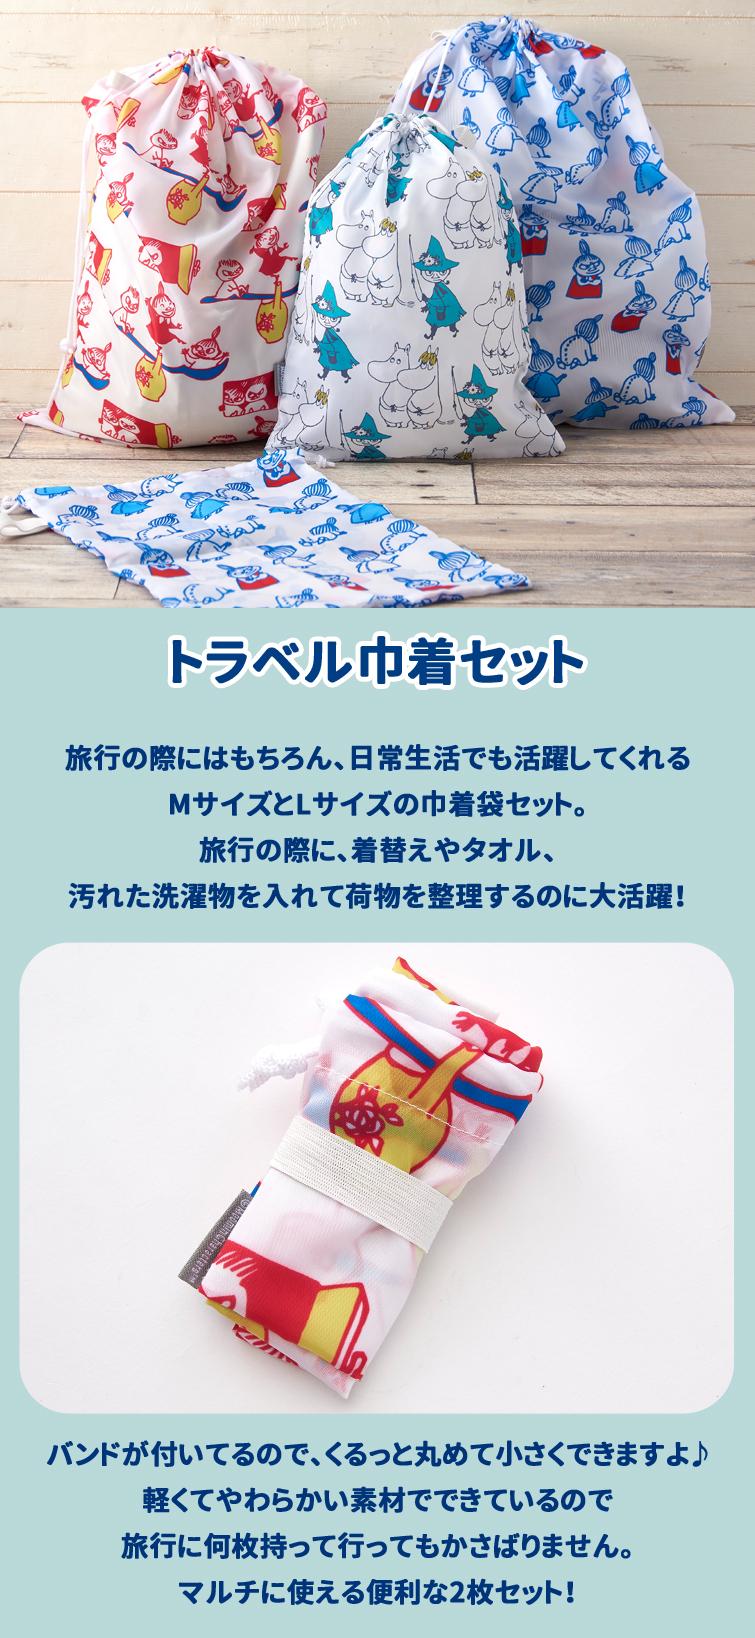 ムーミン公式オンラインショップPEIKKO トラベル巾着セット